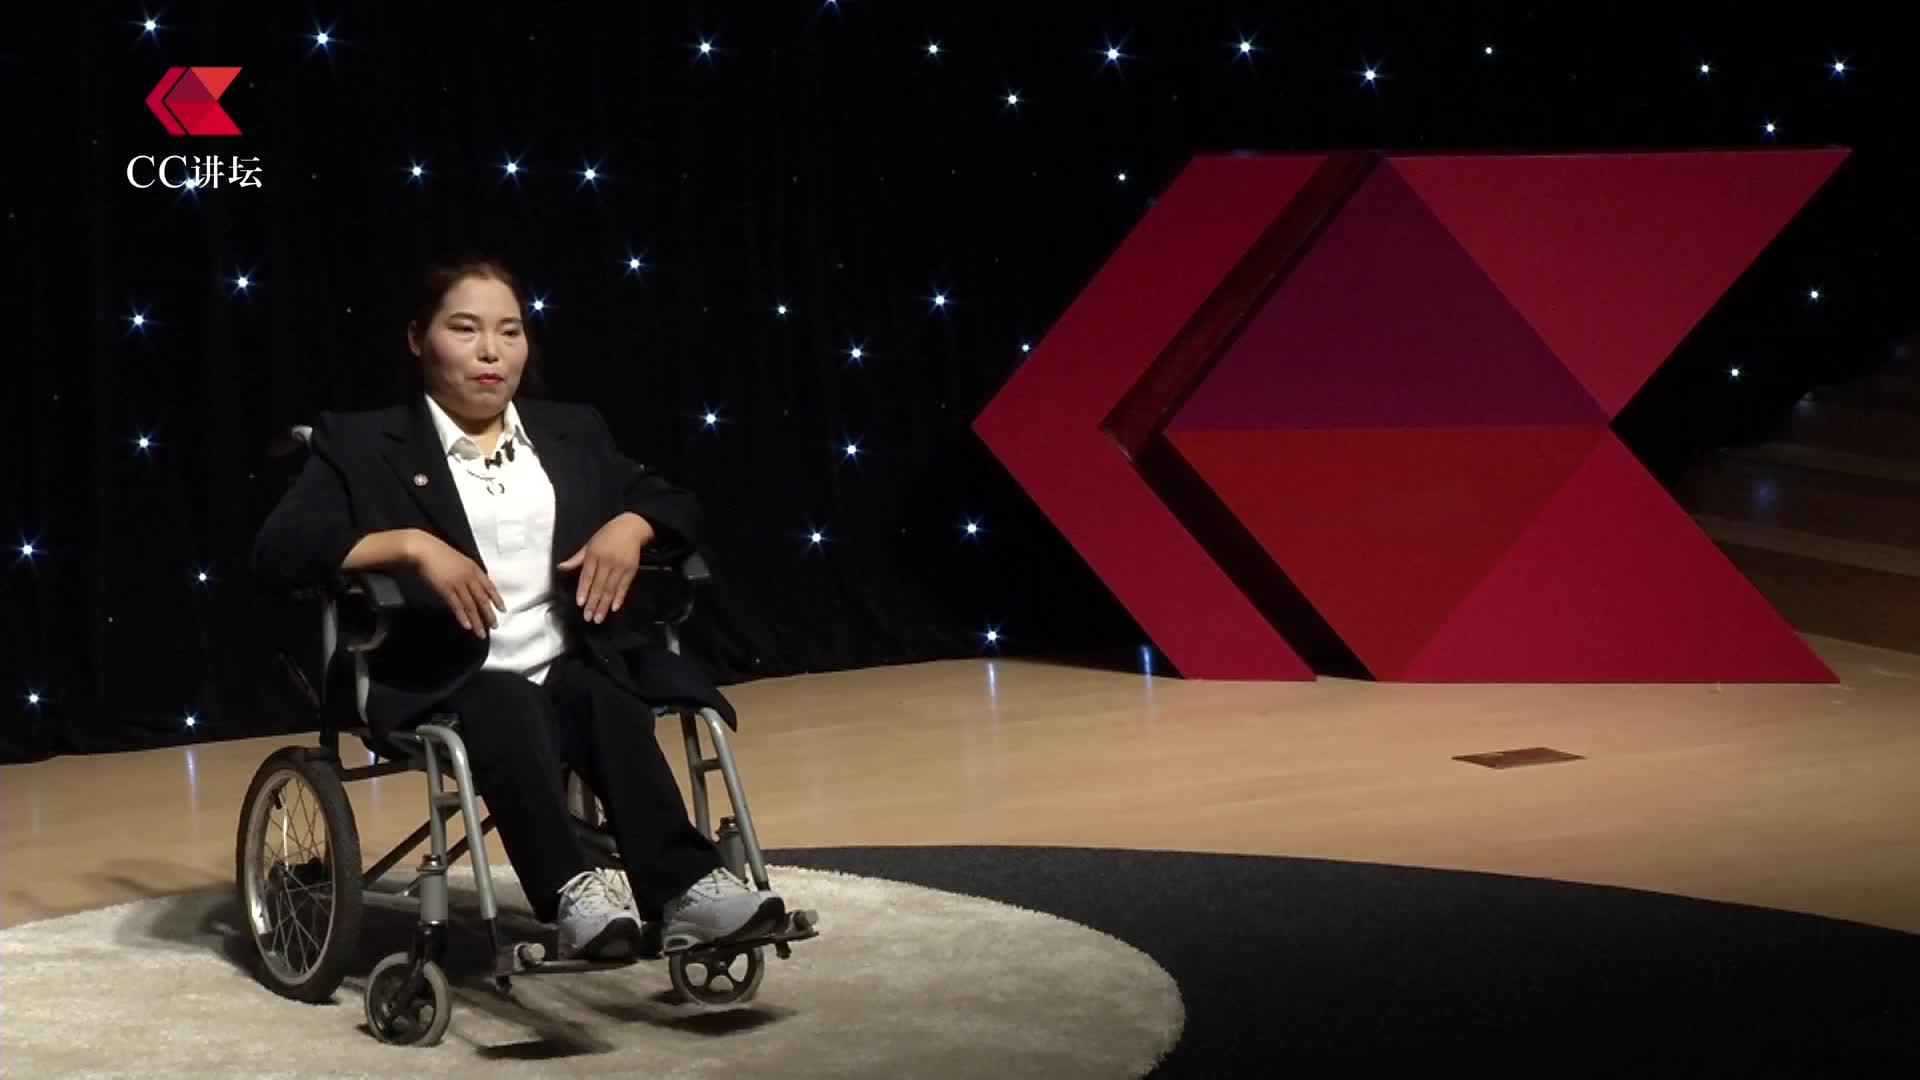 CC讲坛——董丽琼::被助者助人,残疾大姐的电商梦